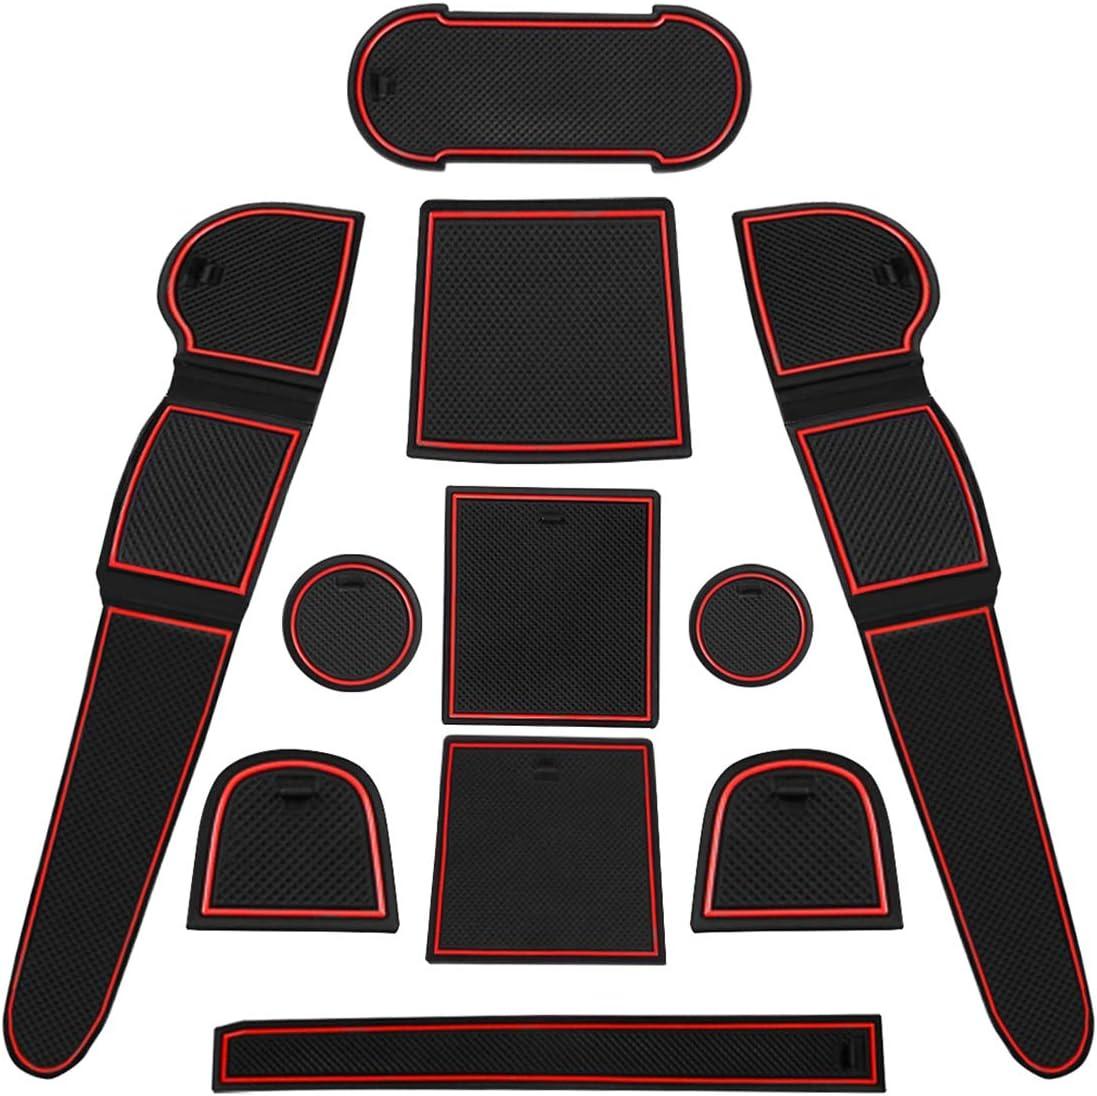 Blanco CDEFG para Hyundai Tucson TL Coche Accesorios Antideslizante Copa Mats Anti Slip Puerta Ranura de Acceso Kit de la Estera del coj/ín de la Ranura decoraci/ón de Interiores